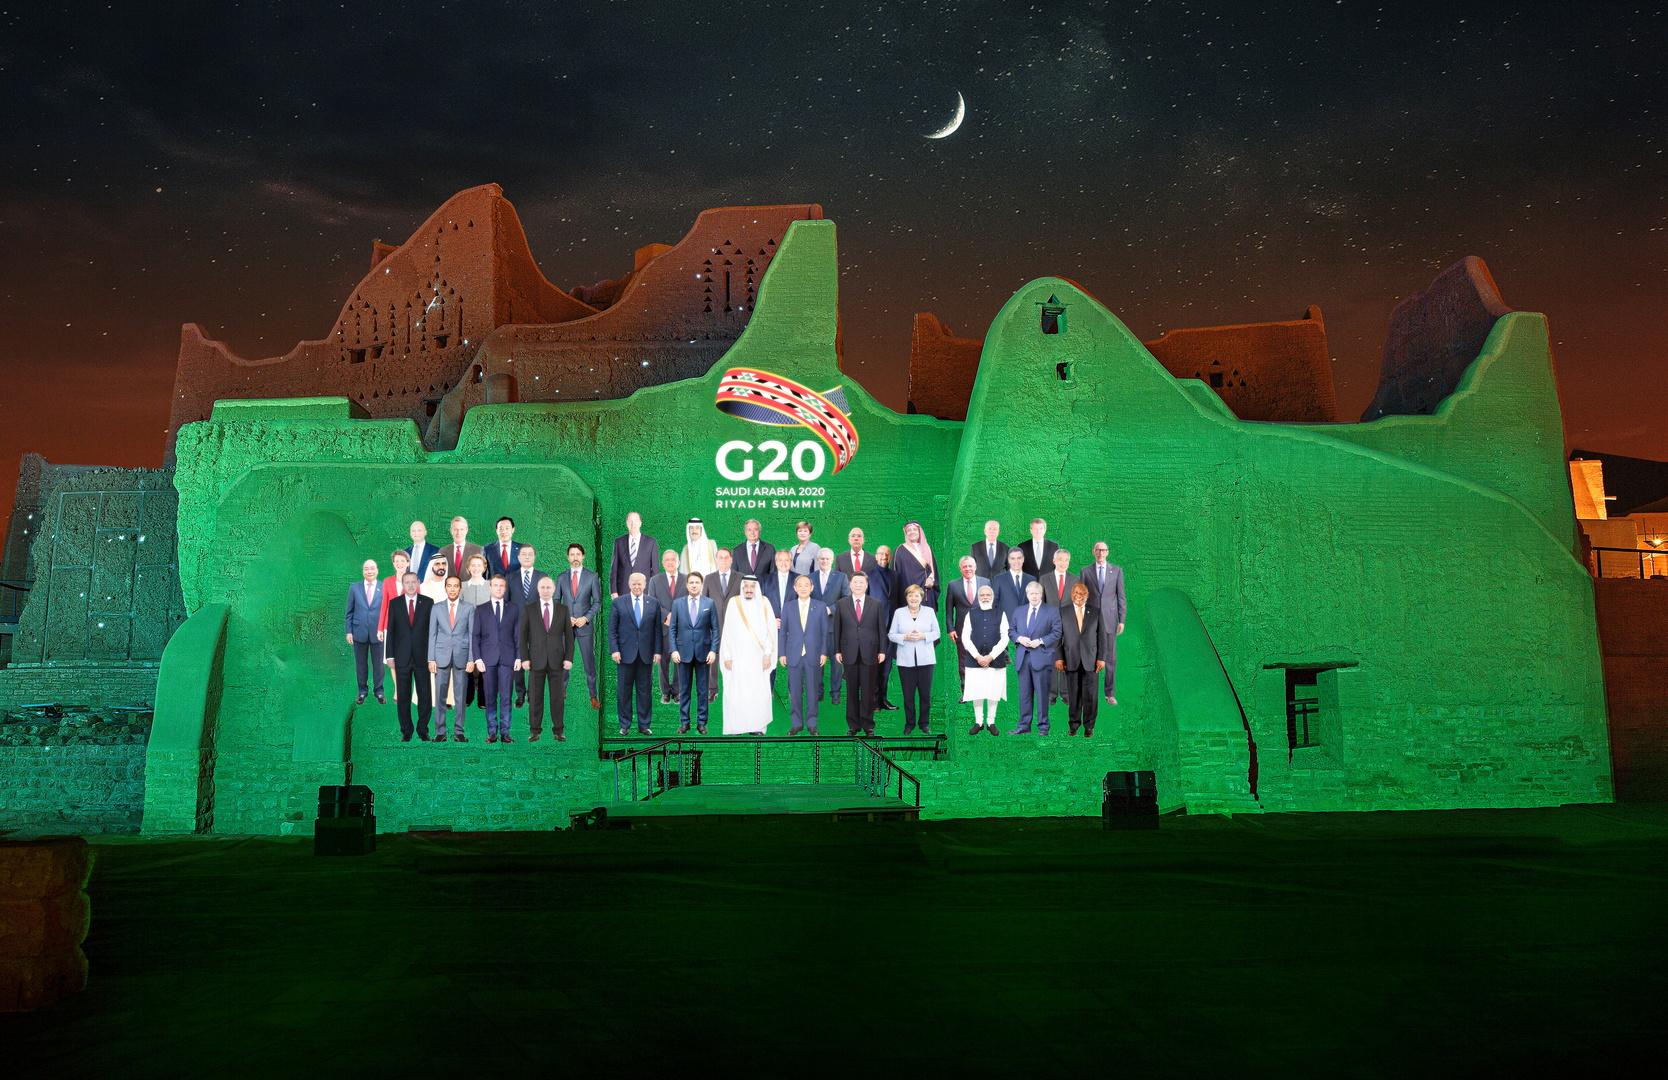 زعماء G20 يبحثون عالم ما بعد الجائحة